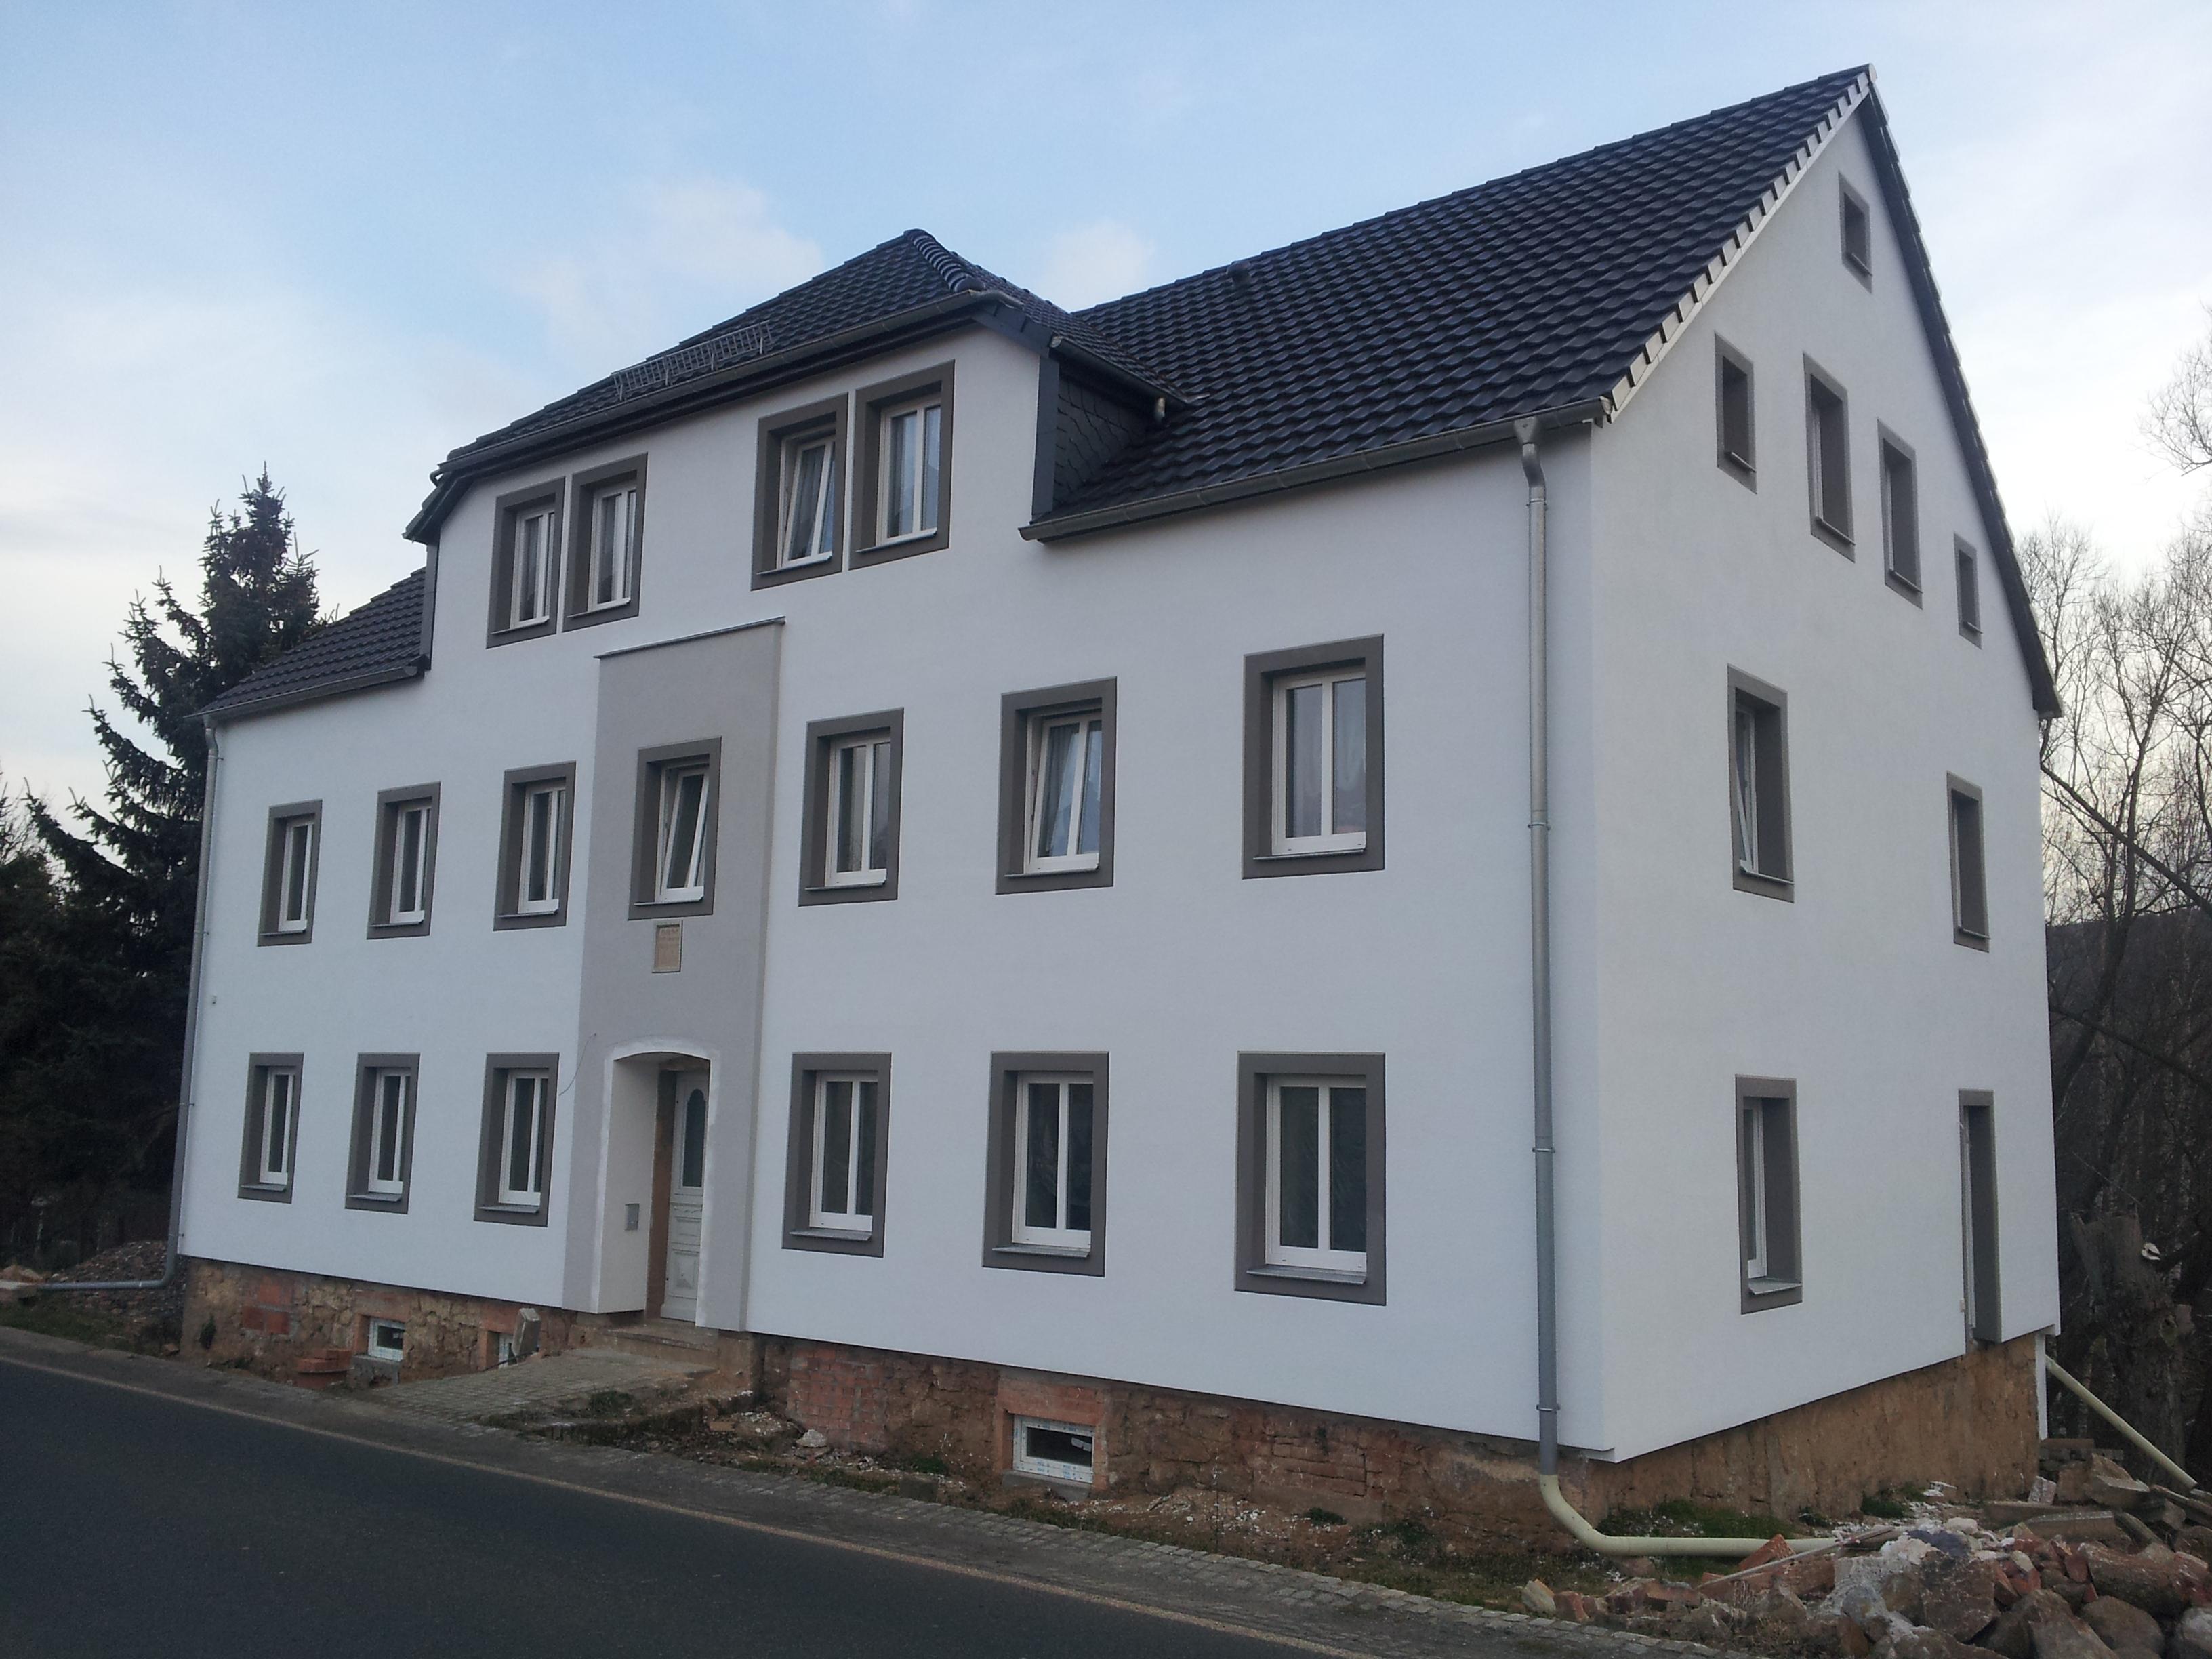 Mehrfamilienhaus in obergurig - Seidel architekten ...